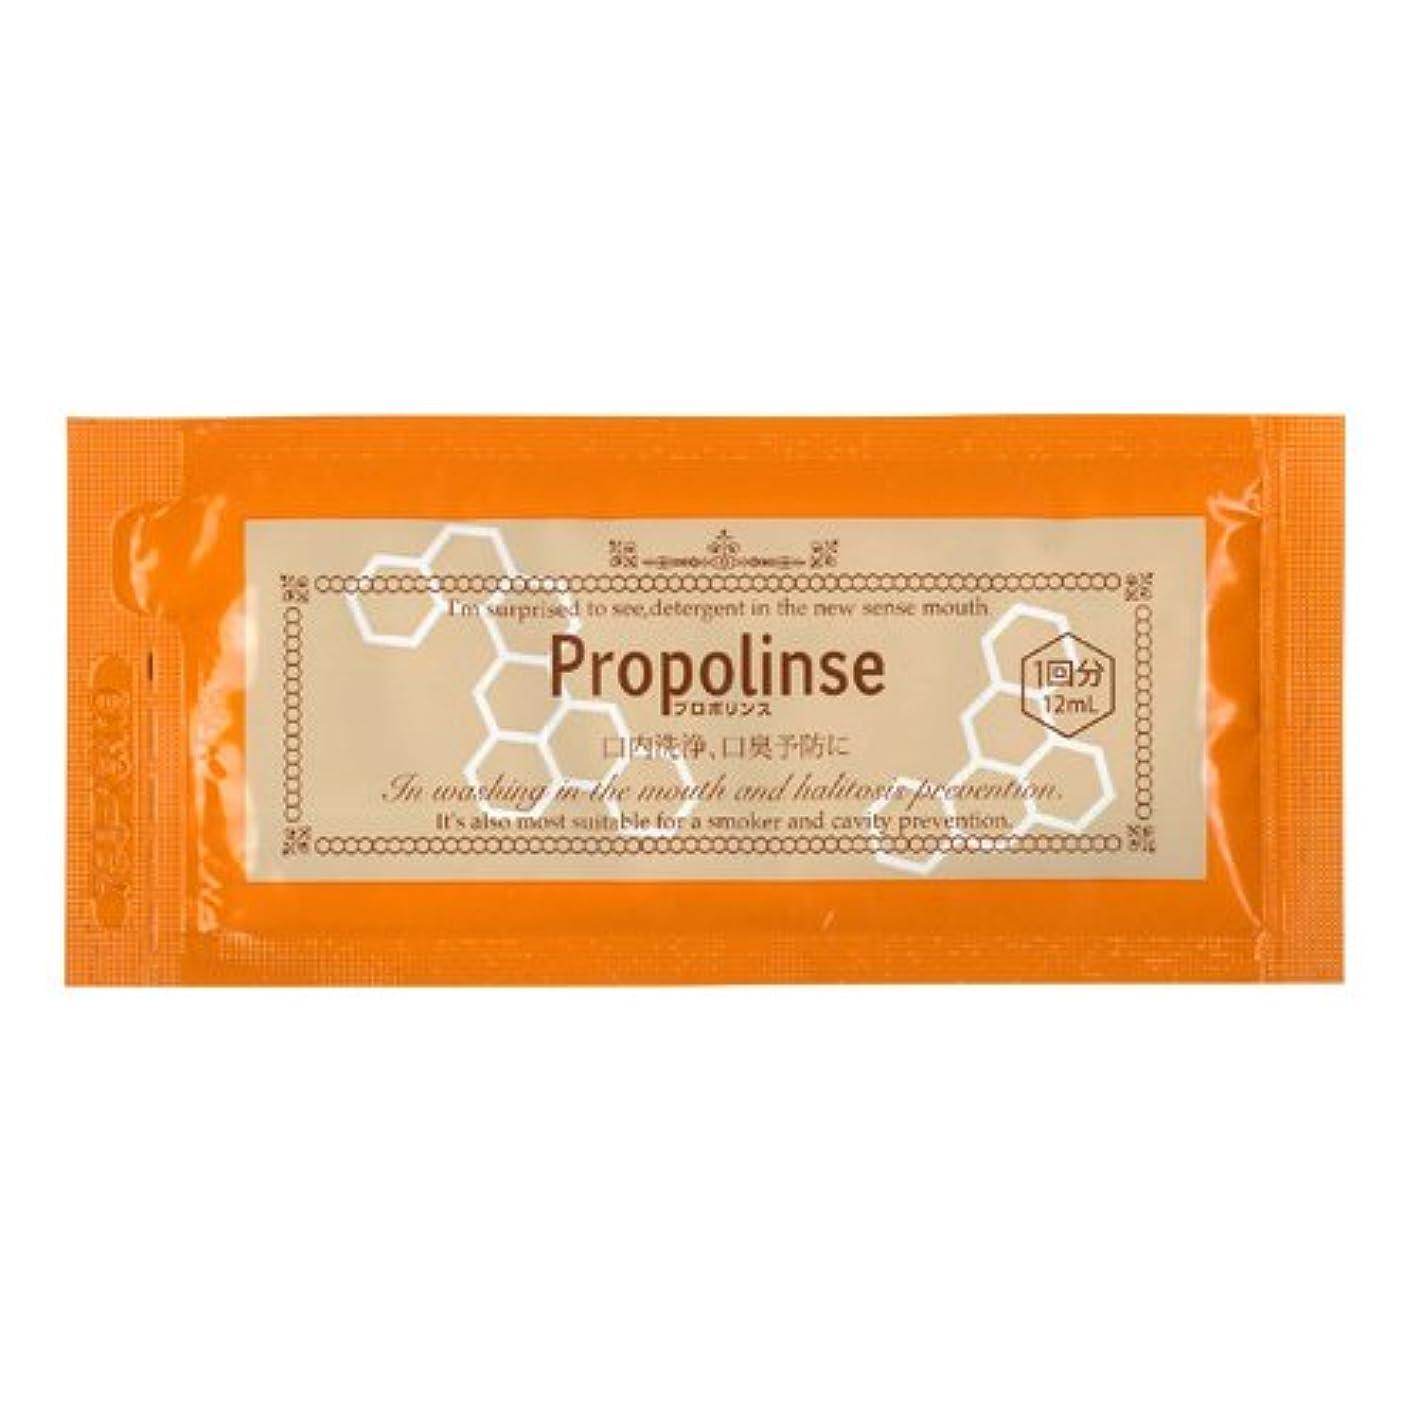 ポットテンポフルーティープロポリンス ハンディパウチ 12ml(1袋)×100袋